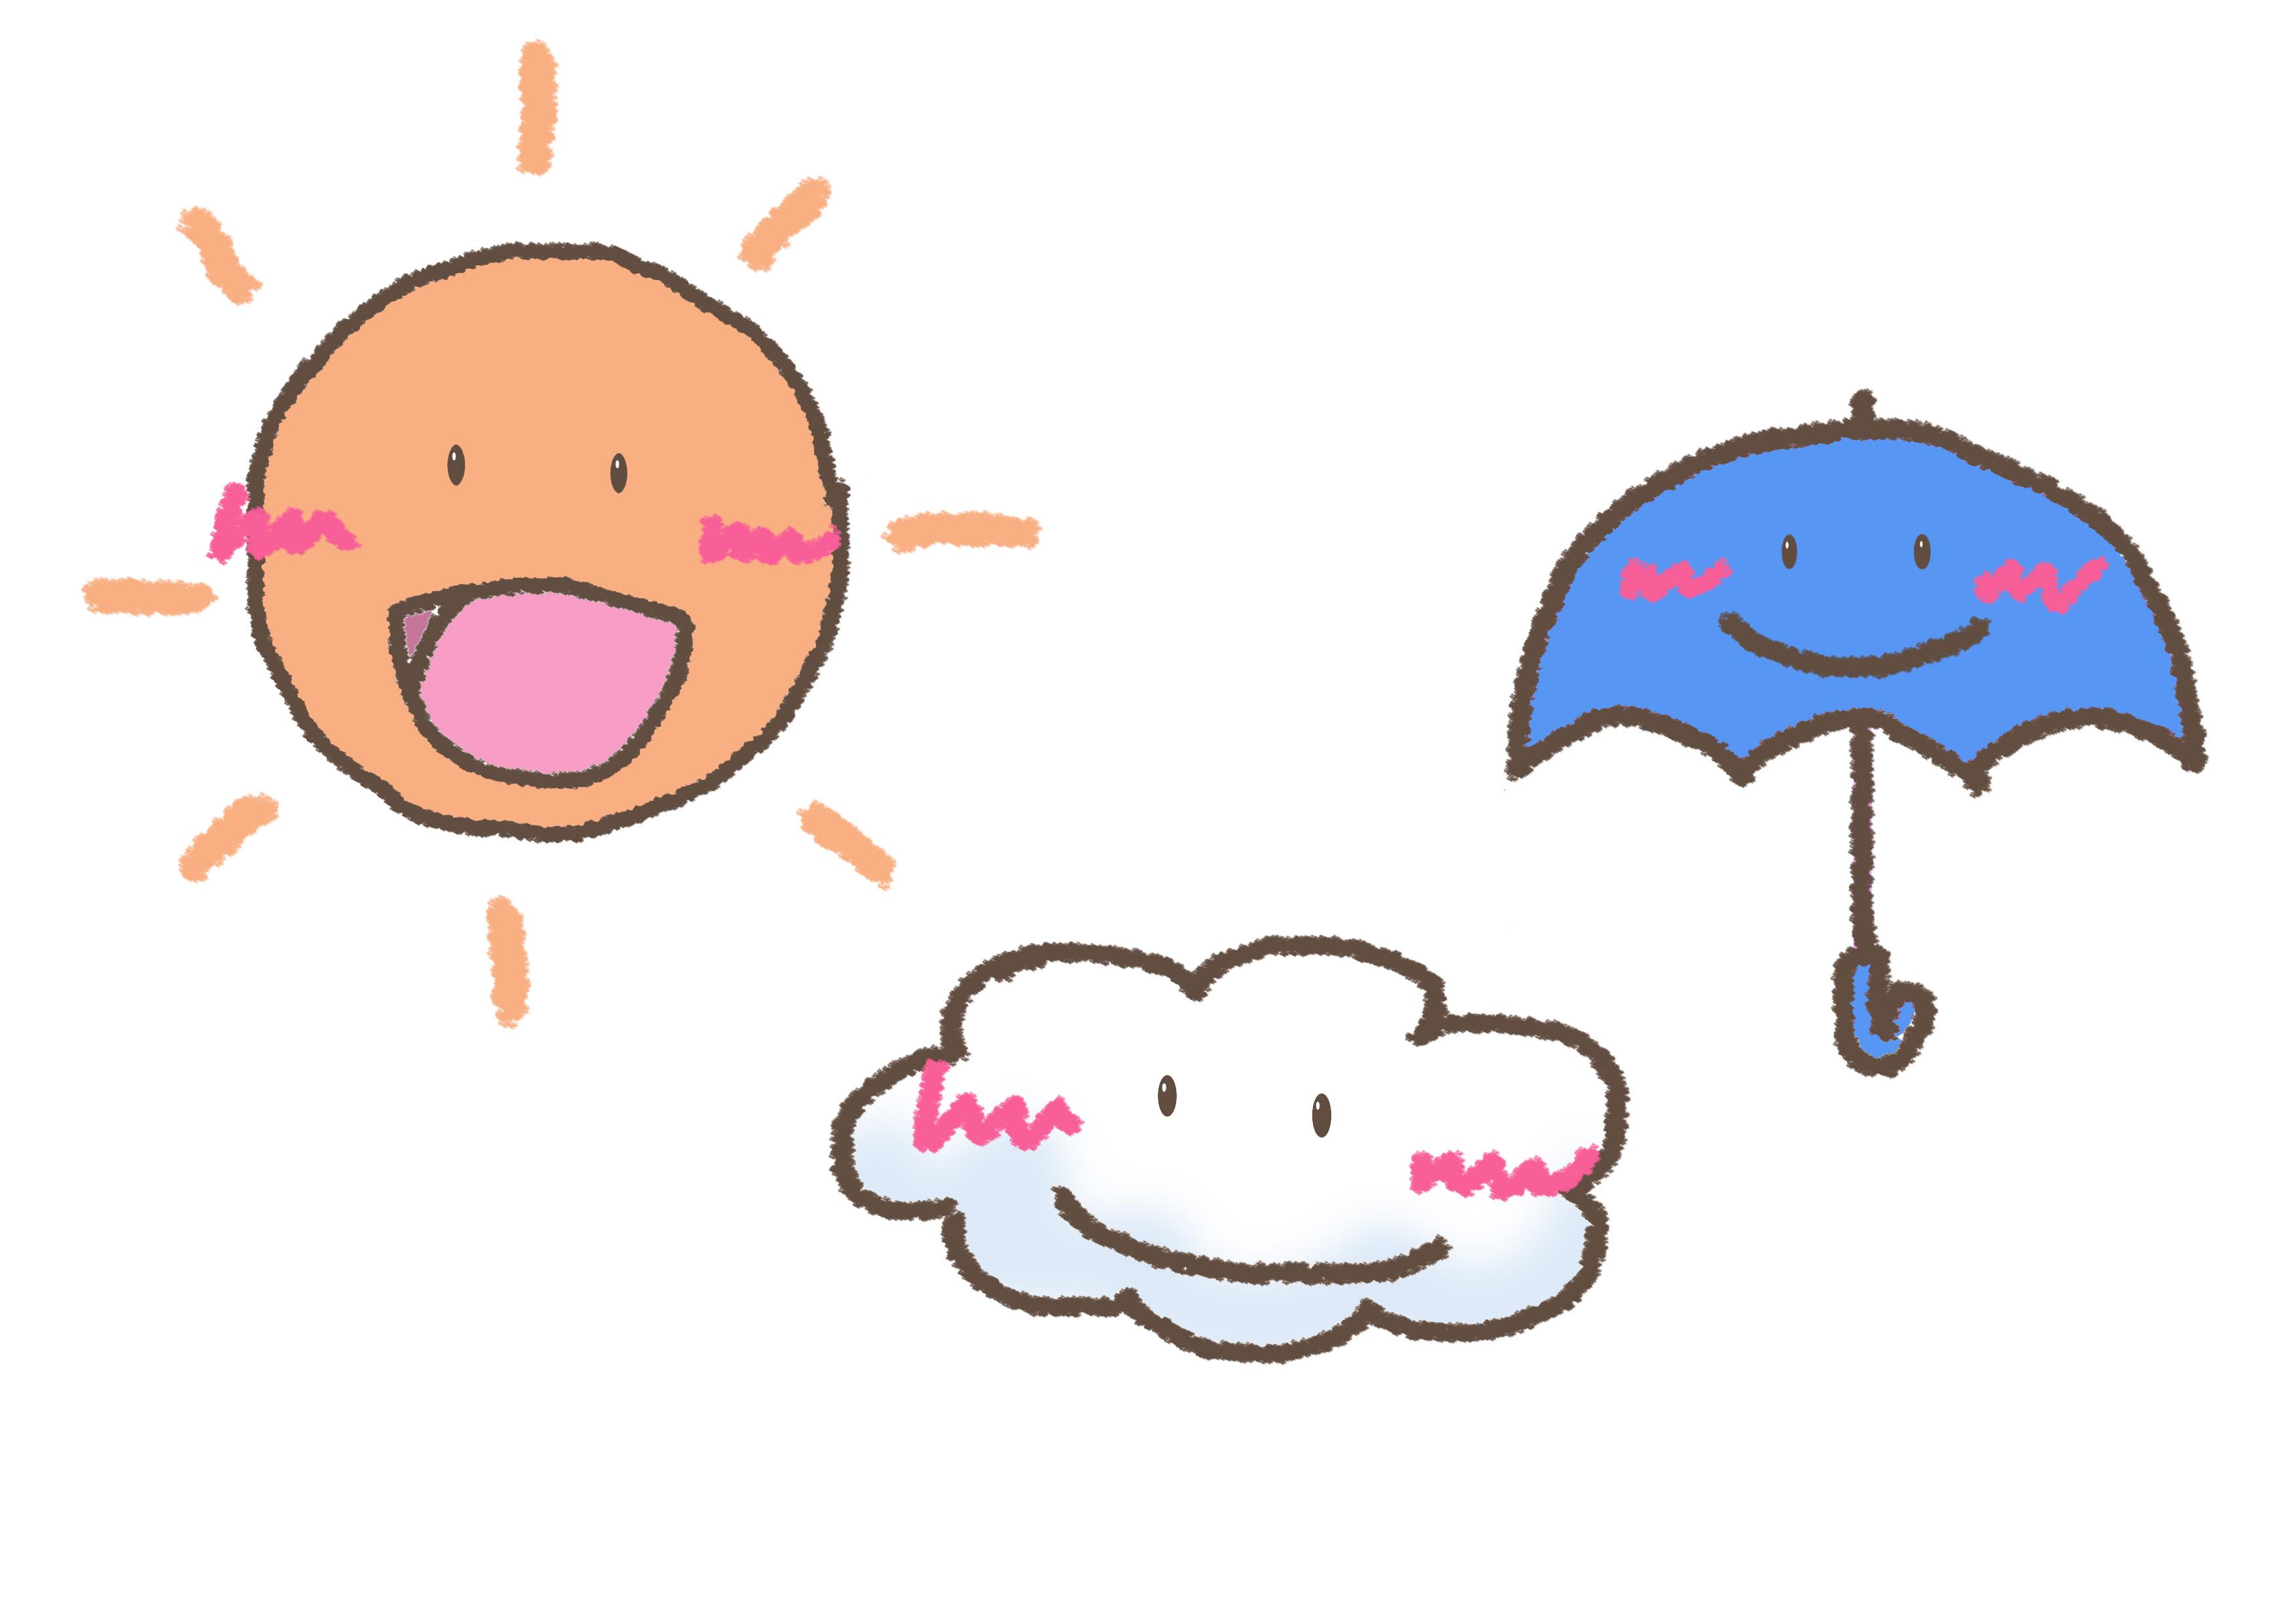 気象庁 | 週間天気予報 - jma.go.jp